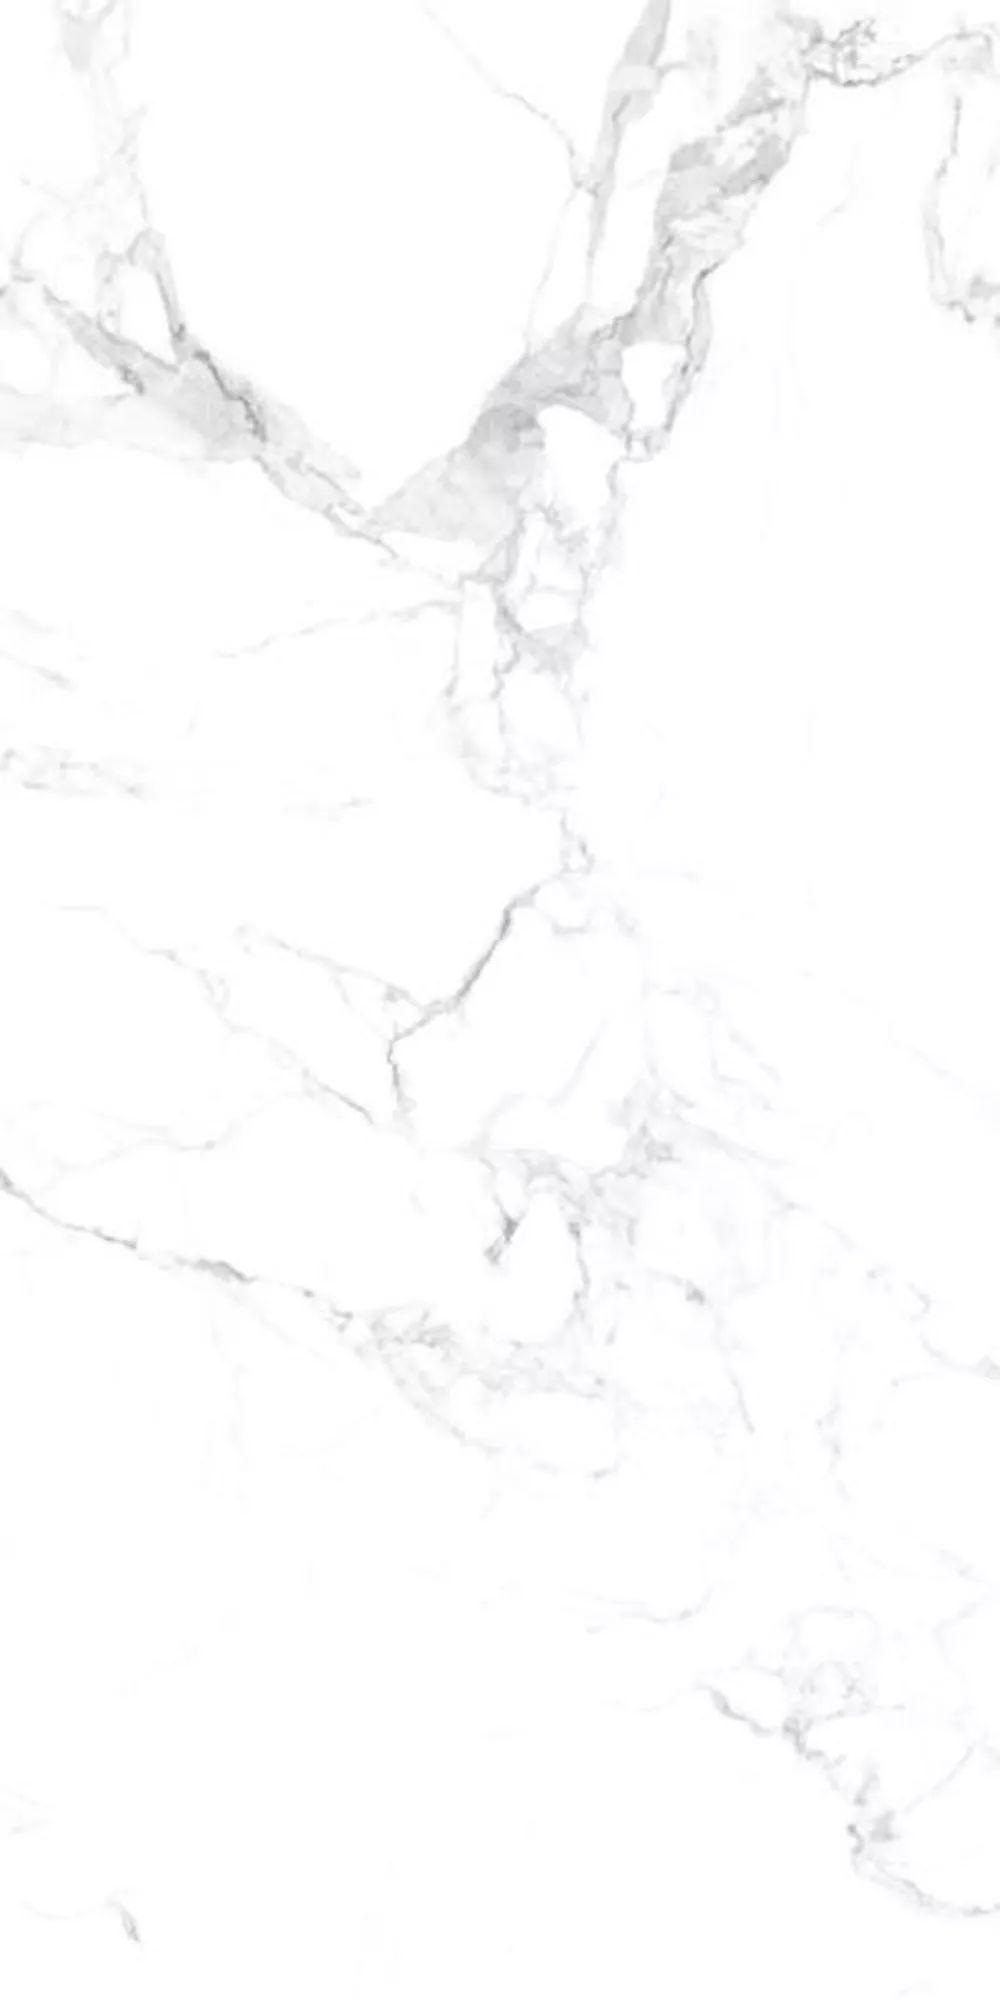 大将军瓷砖图片1200X240大板 现代简约风格陶瓷效果图